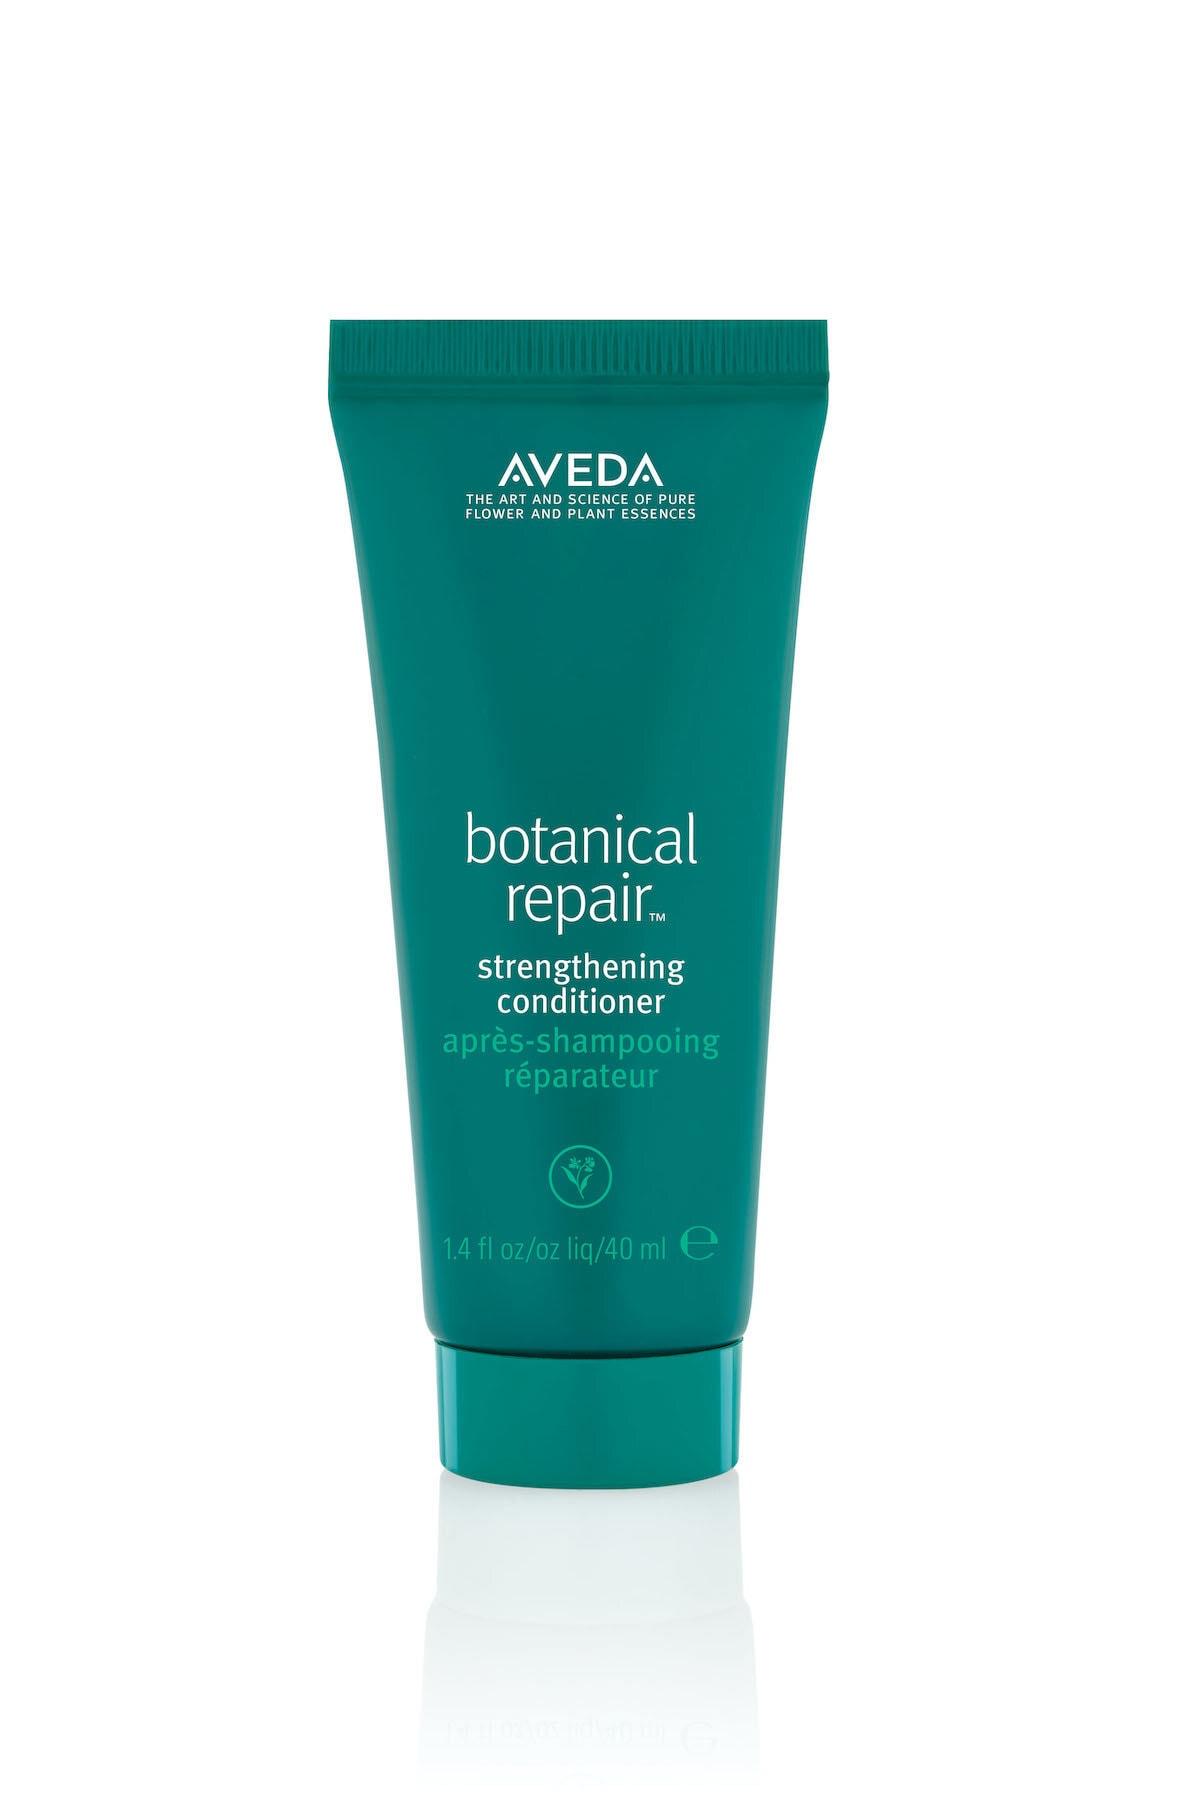 Aveda Botanical Repair Yıpranmış Saçlar için Onarım Kremi 40ml 18084019528